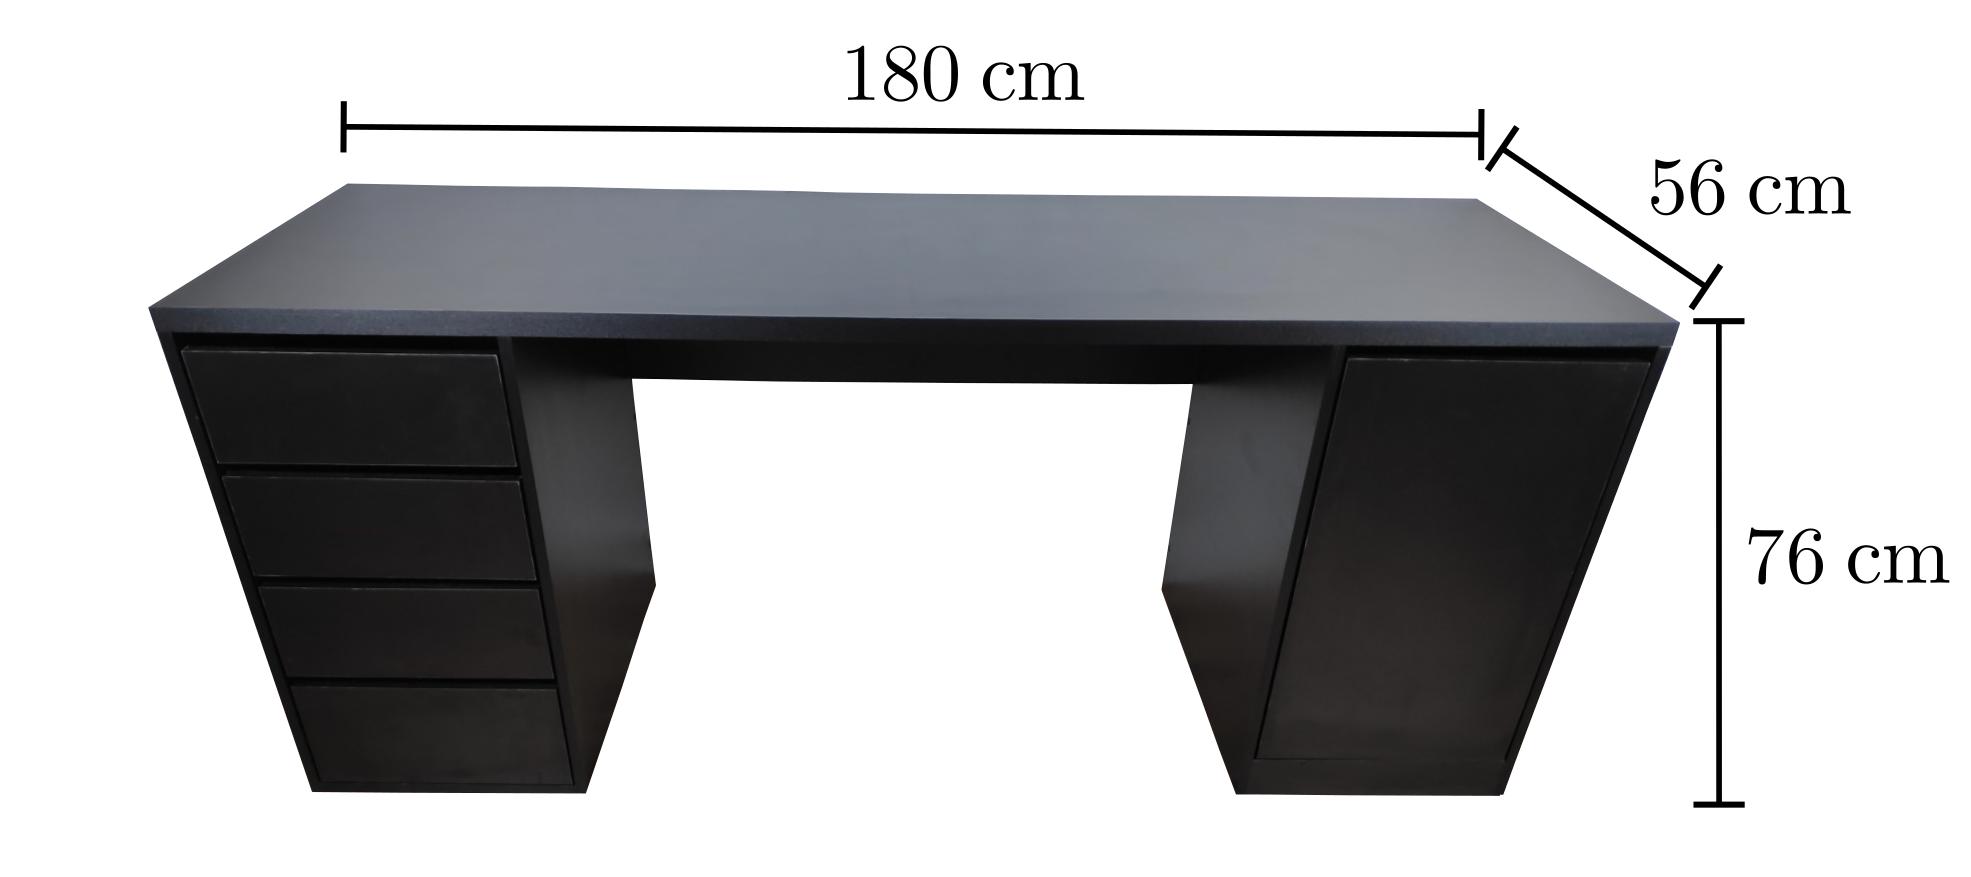 Imagem com as dimensões da Mesa White Oak 180x56 - TreeMobili, fabricada Em MDF Branco - Com 4 gavetas e armário.